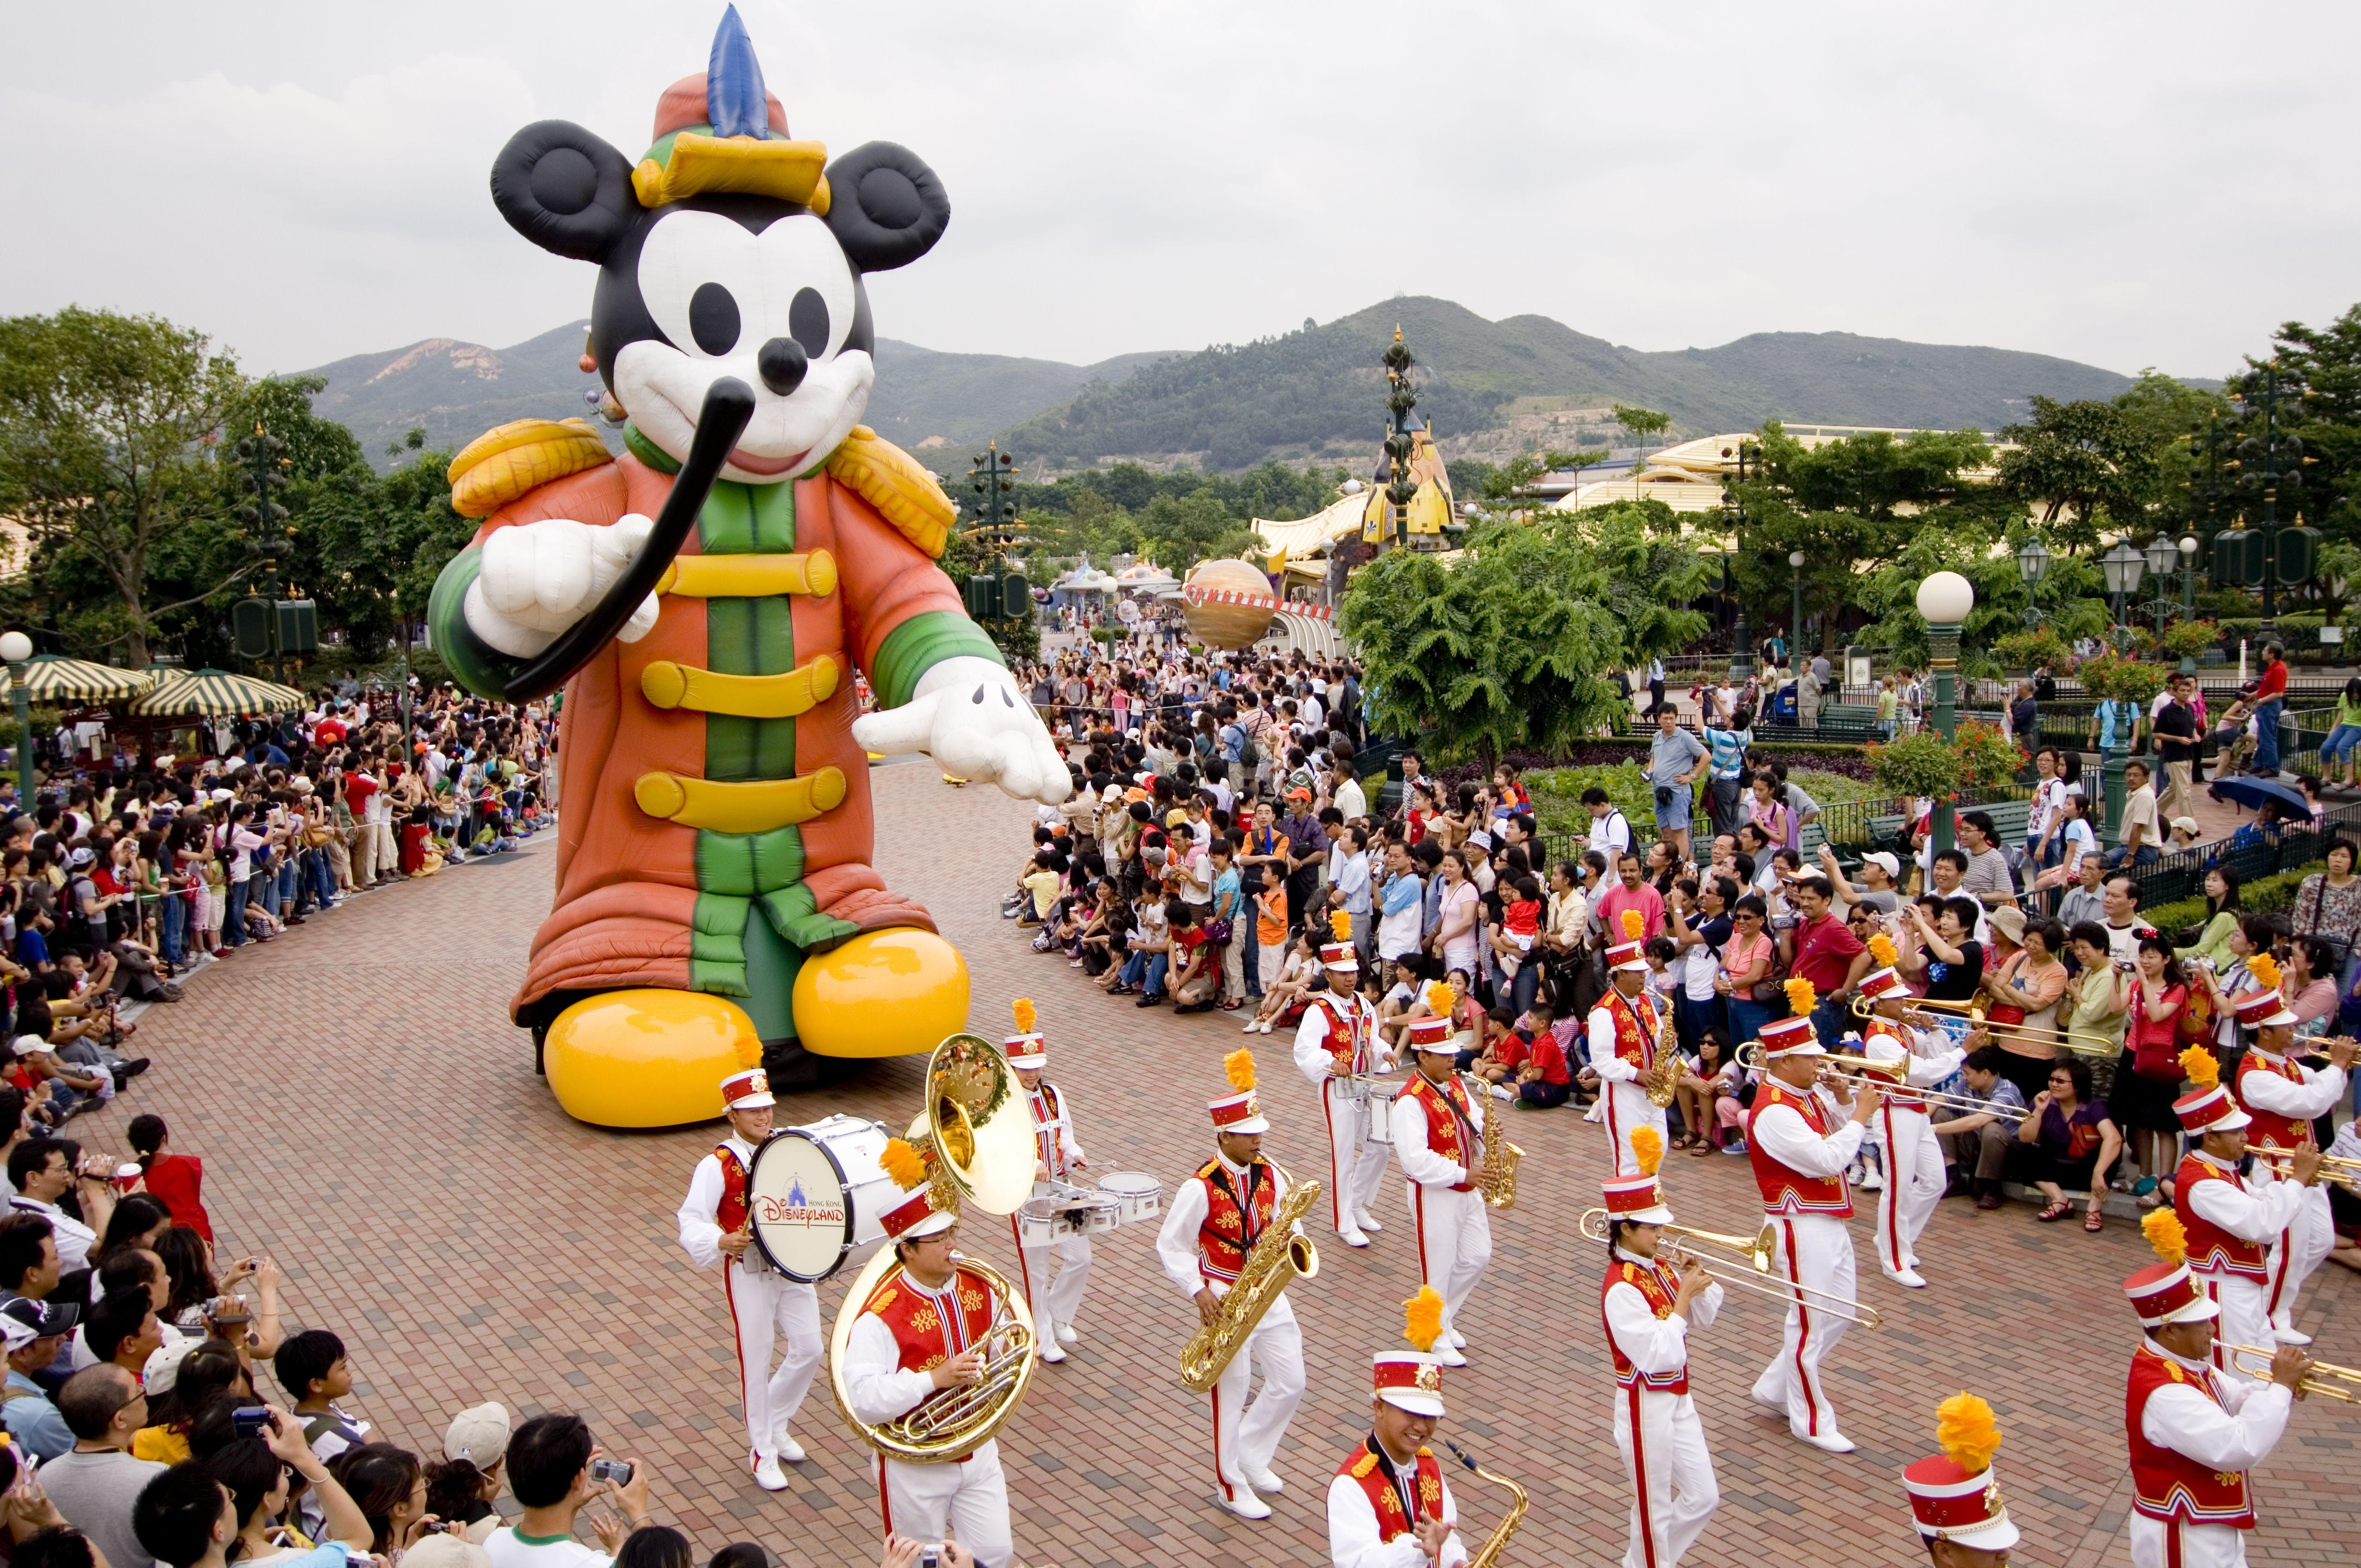 Parade at Hong Kong Disneyland